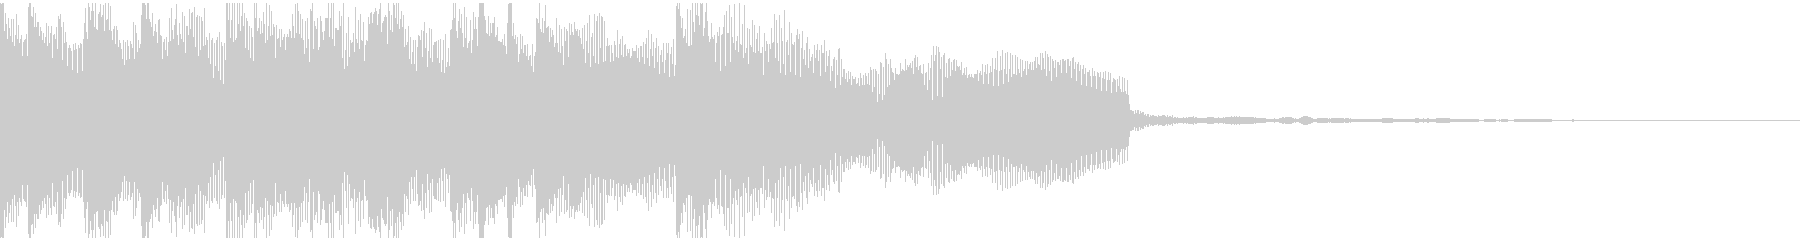 オープニング用サウンドロゴ107の未再生の波形